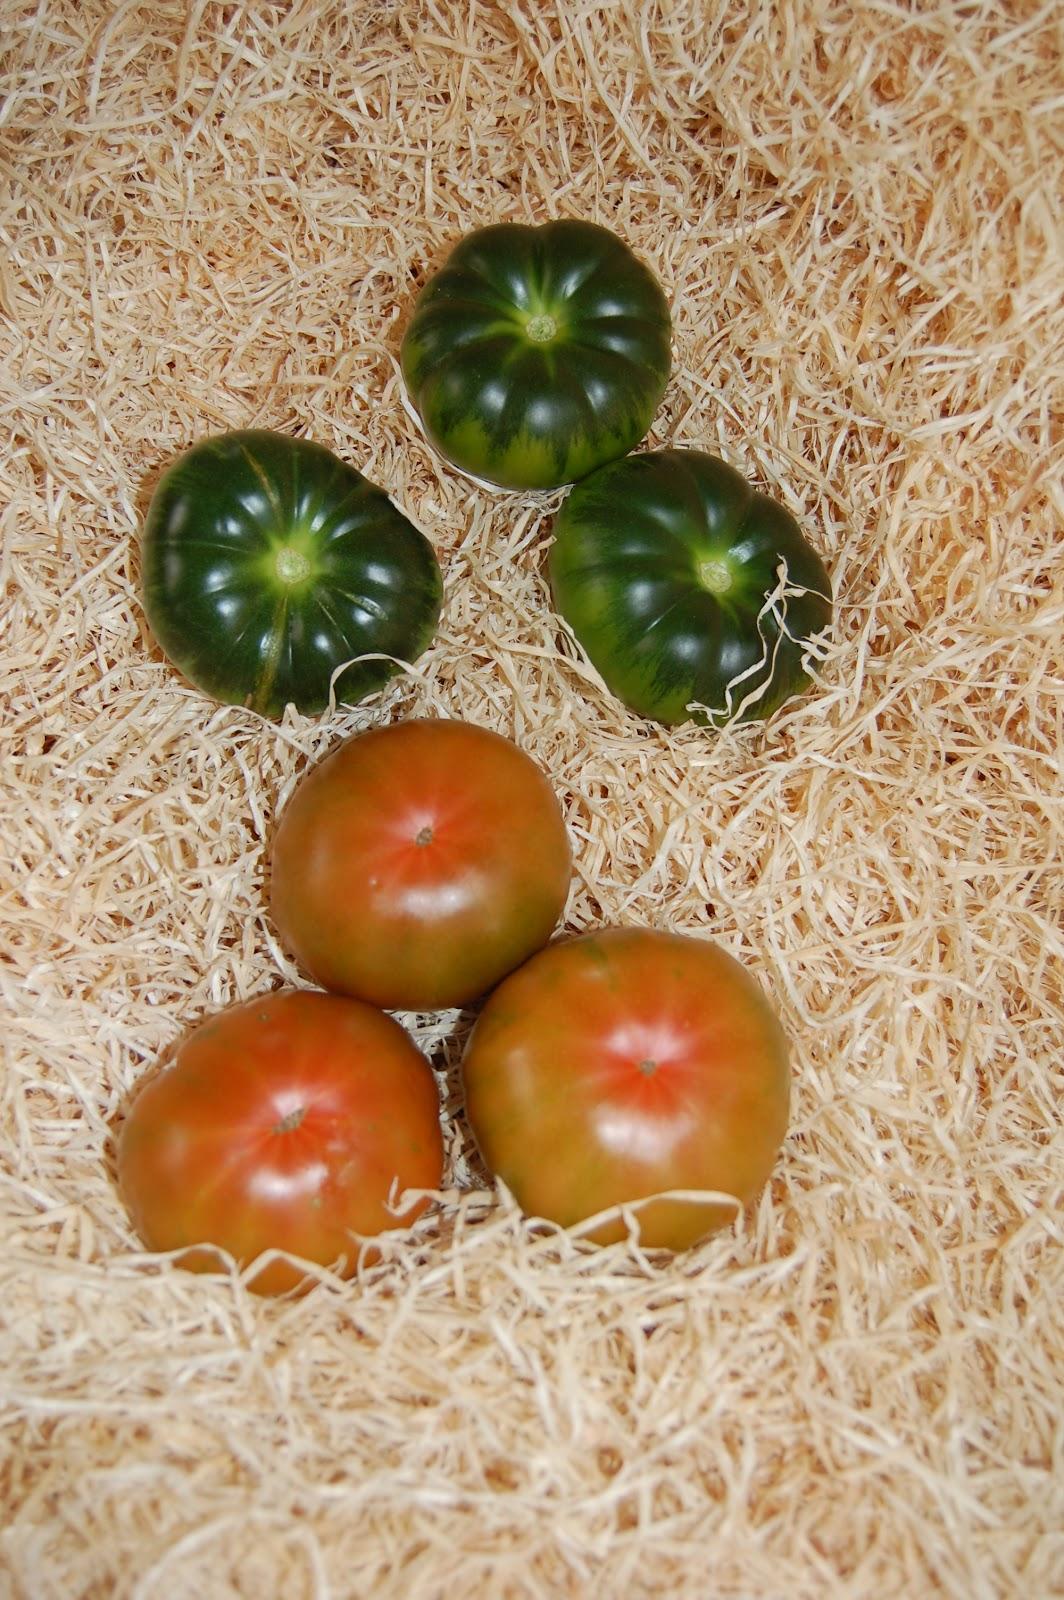 File:Tomate raf.JPG - Wikimedia Commons